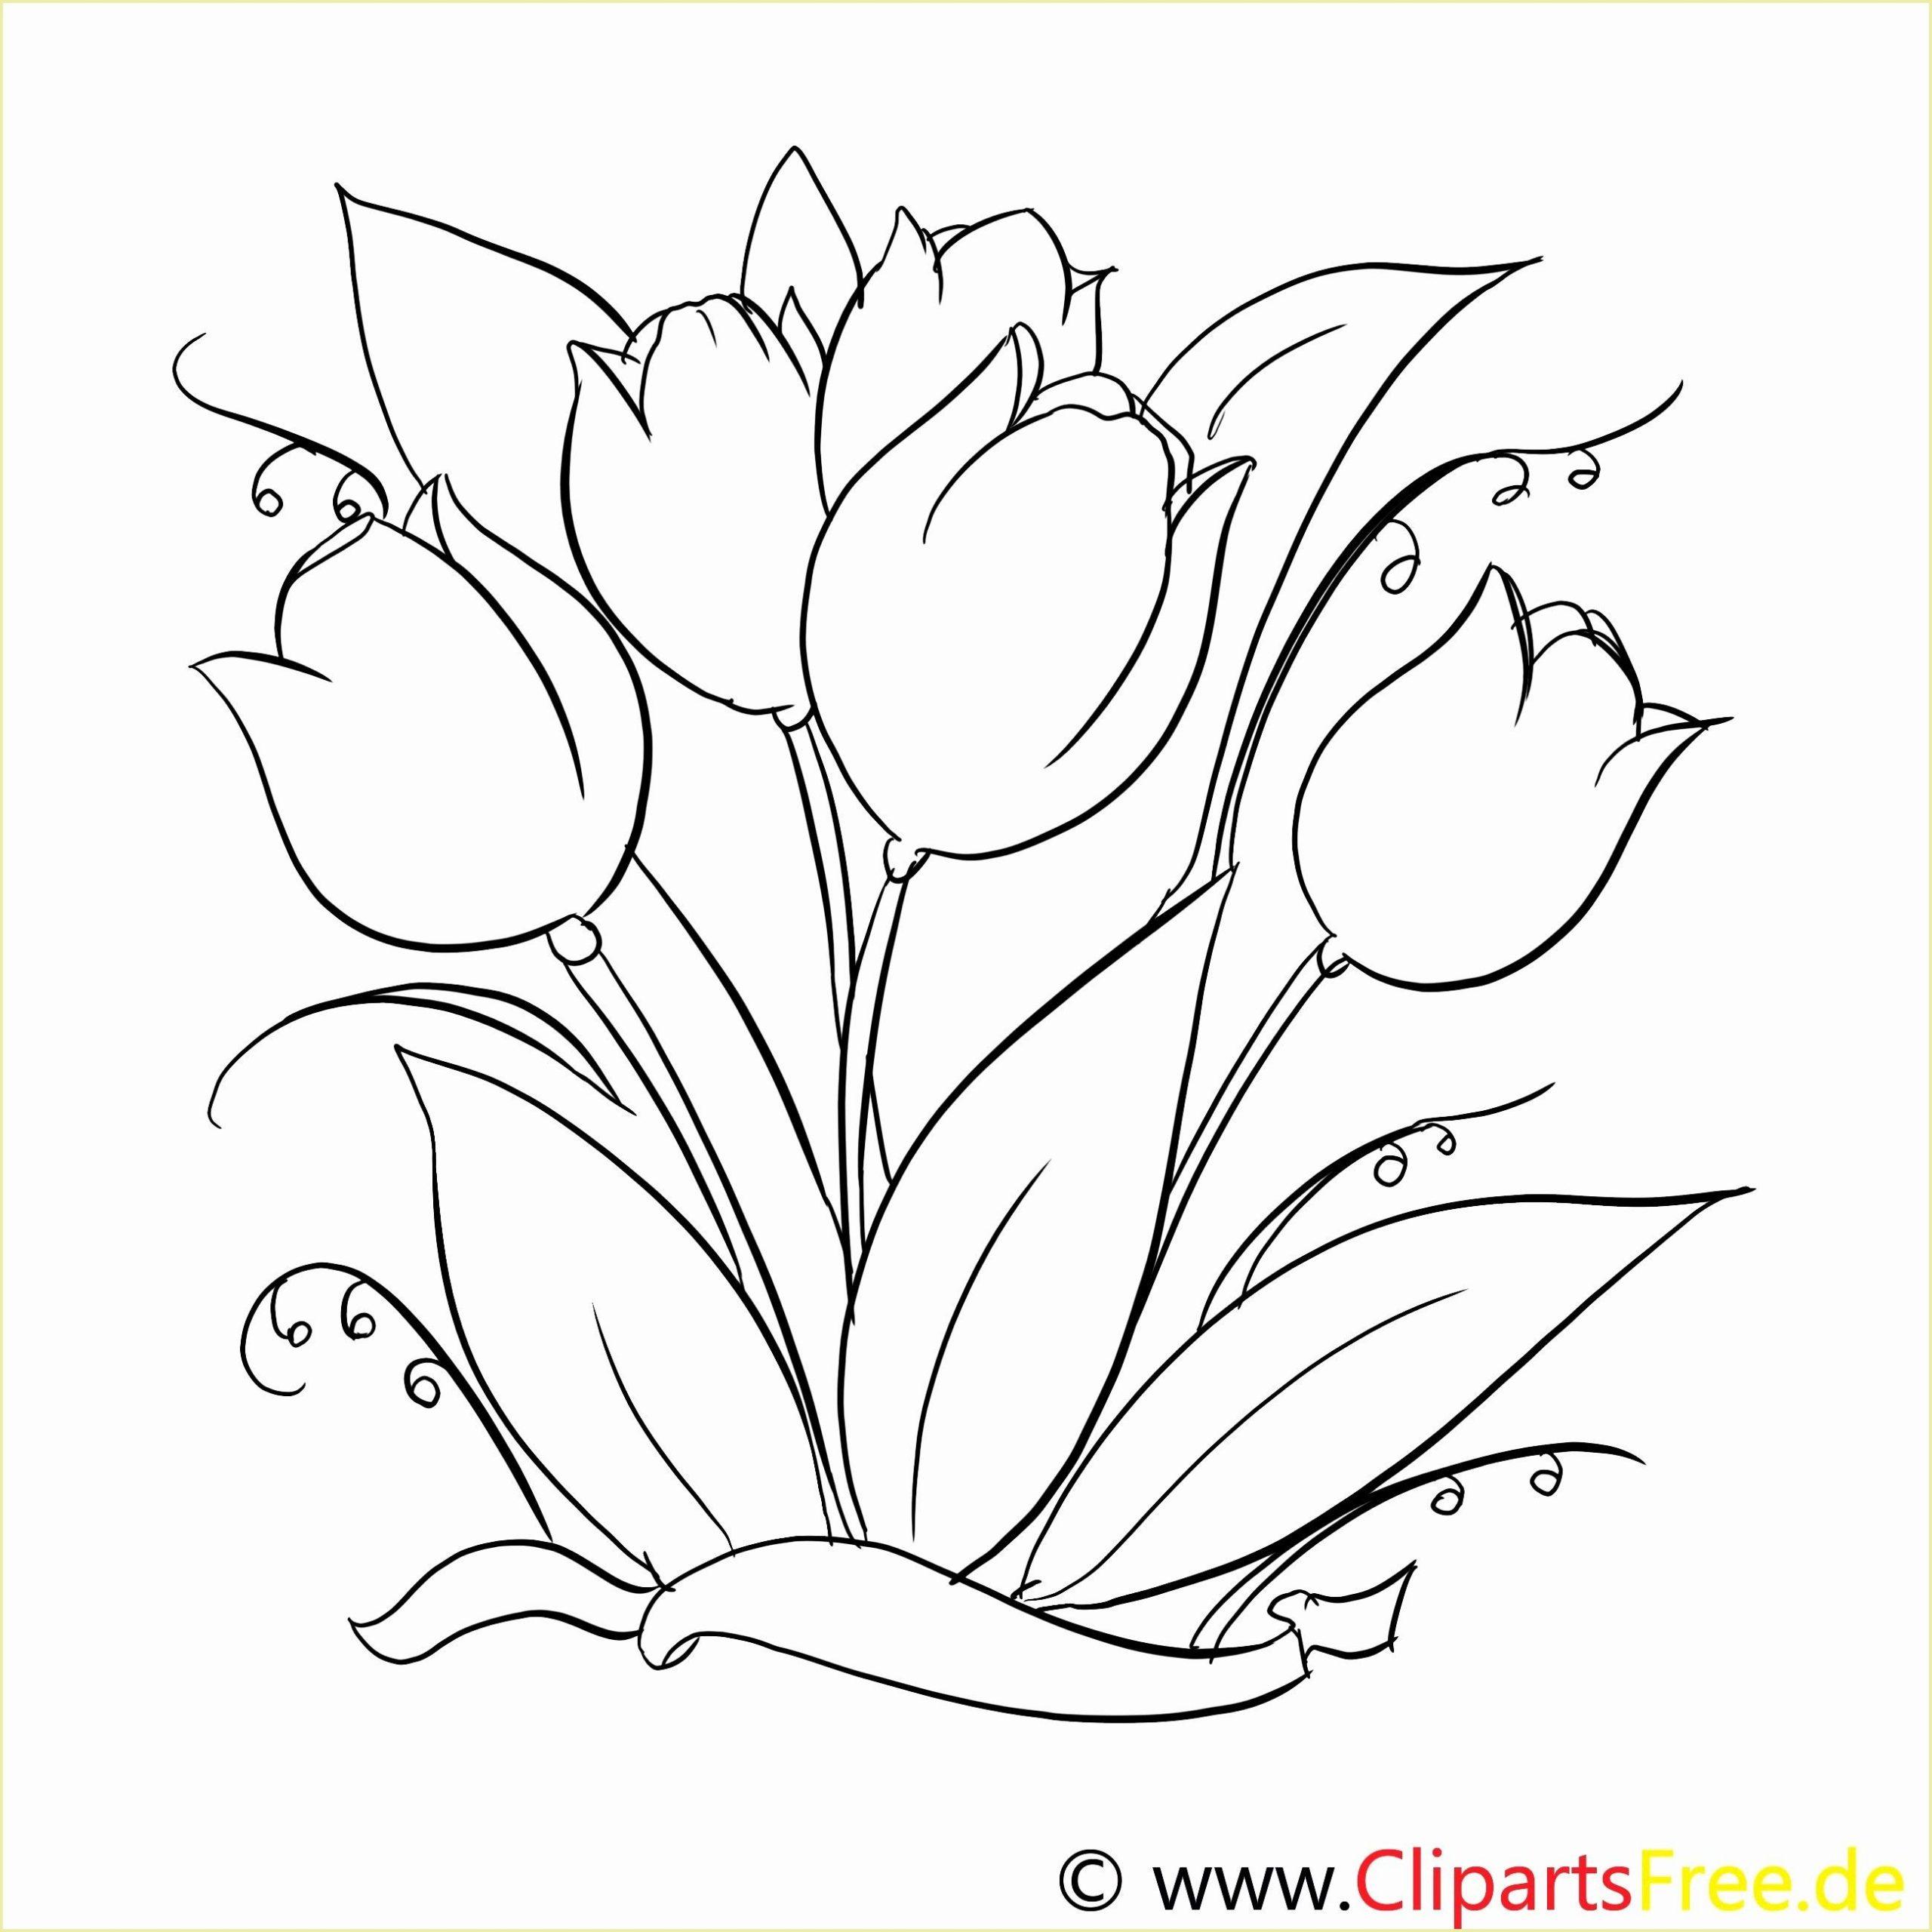 Frisch Malvorlagen Blumen Zum Ausdrucken | Blumenzeichnung innen Blumen Malvorlagen Kostenlos